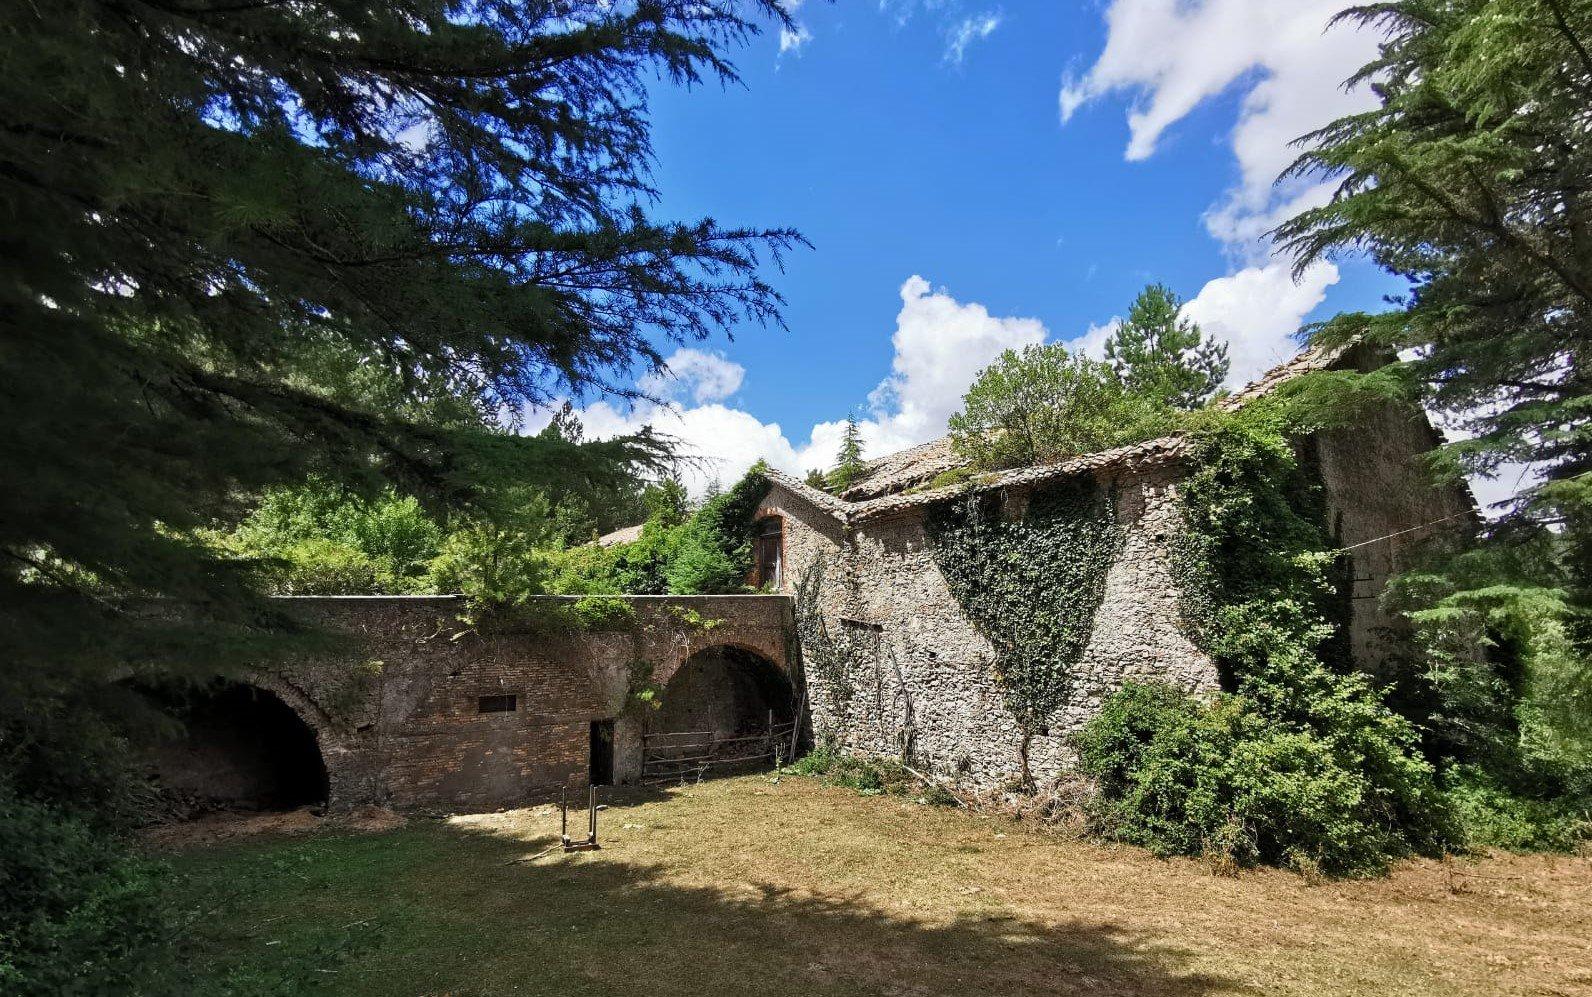 Vista dei caseggiati dell'antica fonderia Ferdinandea in Calabria